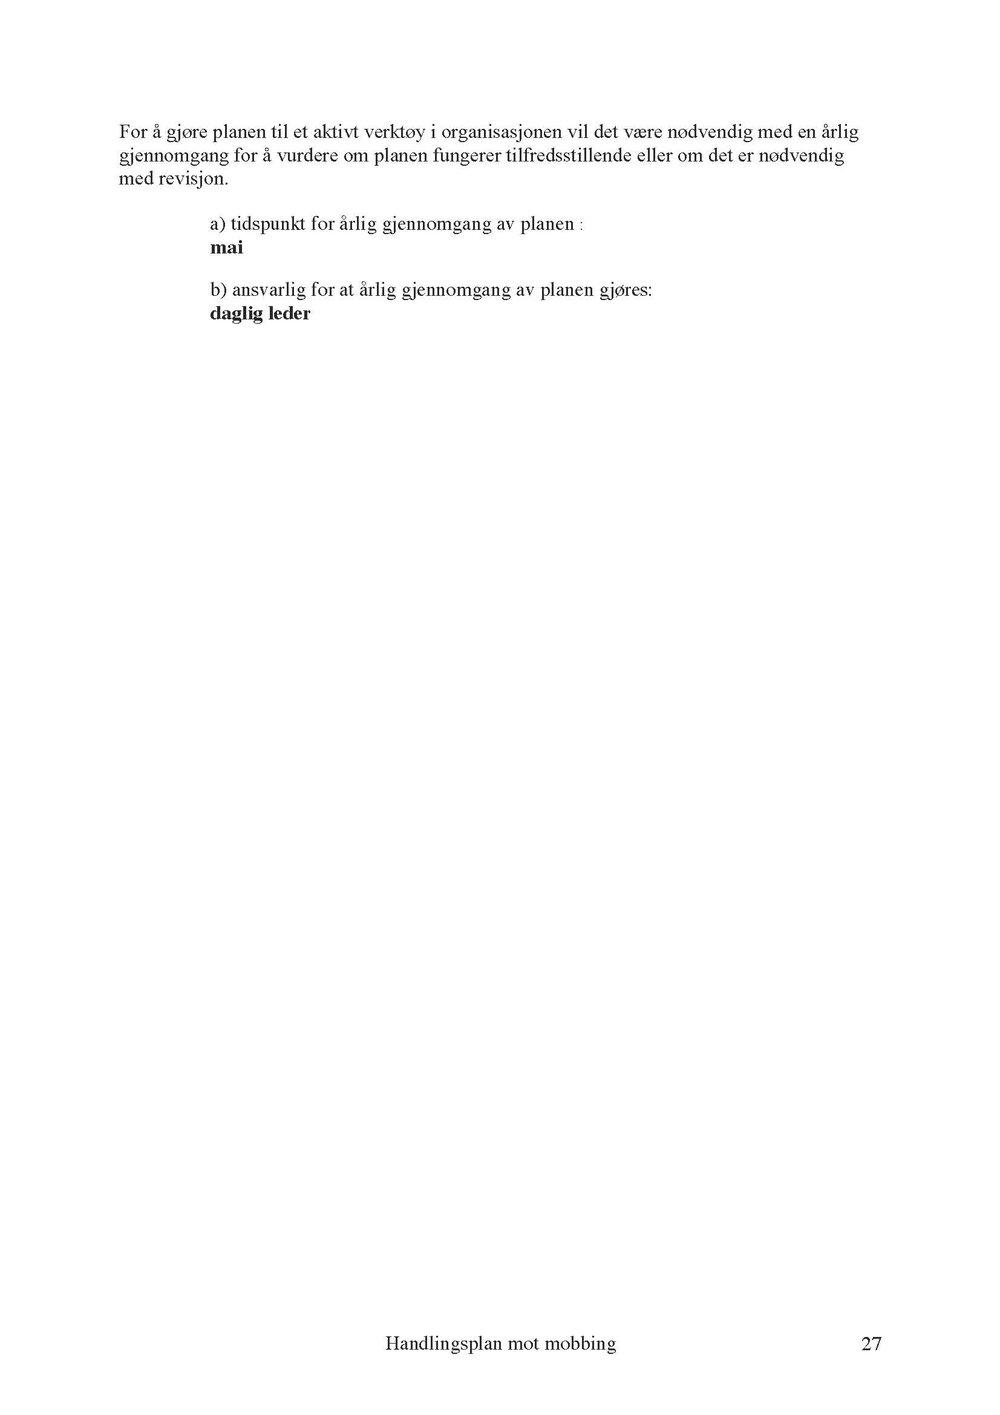 Handlingsplan mot mobbing _Page_27.jpg